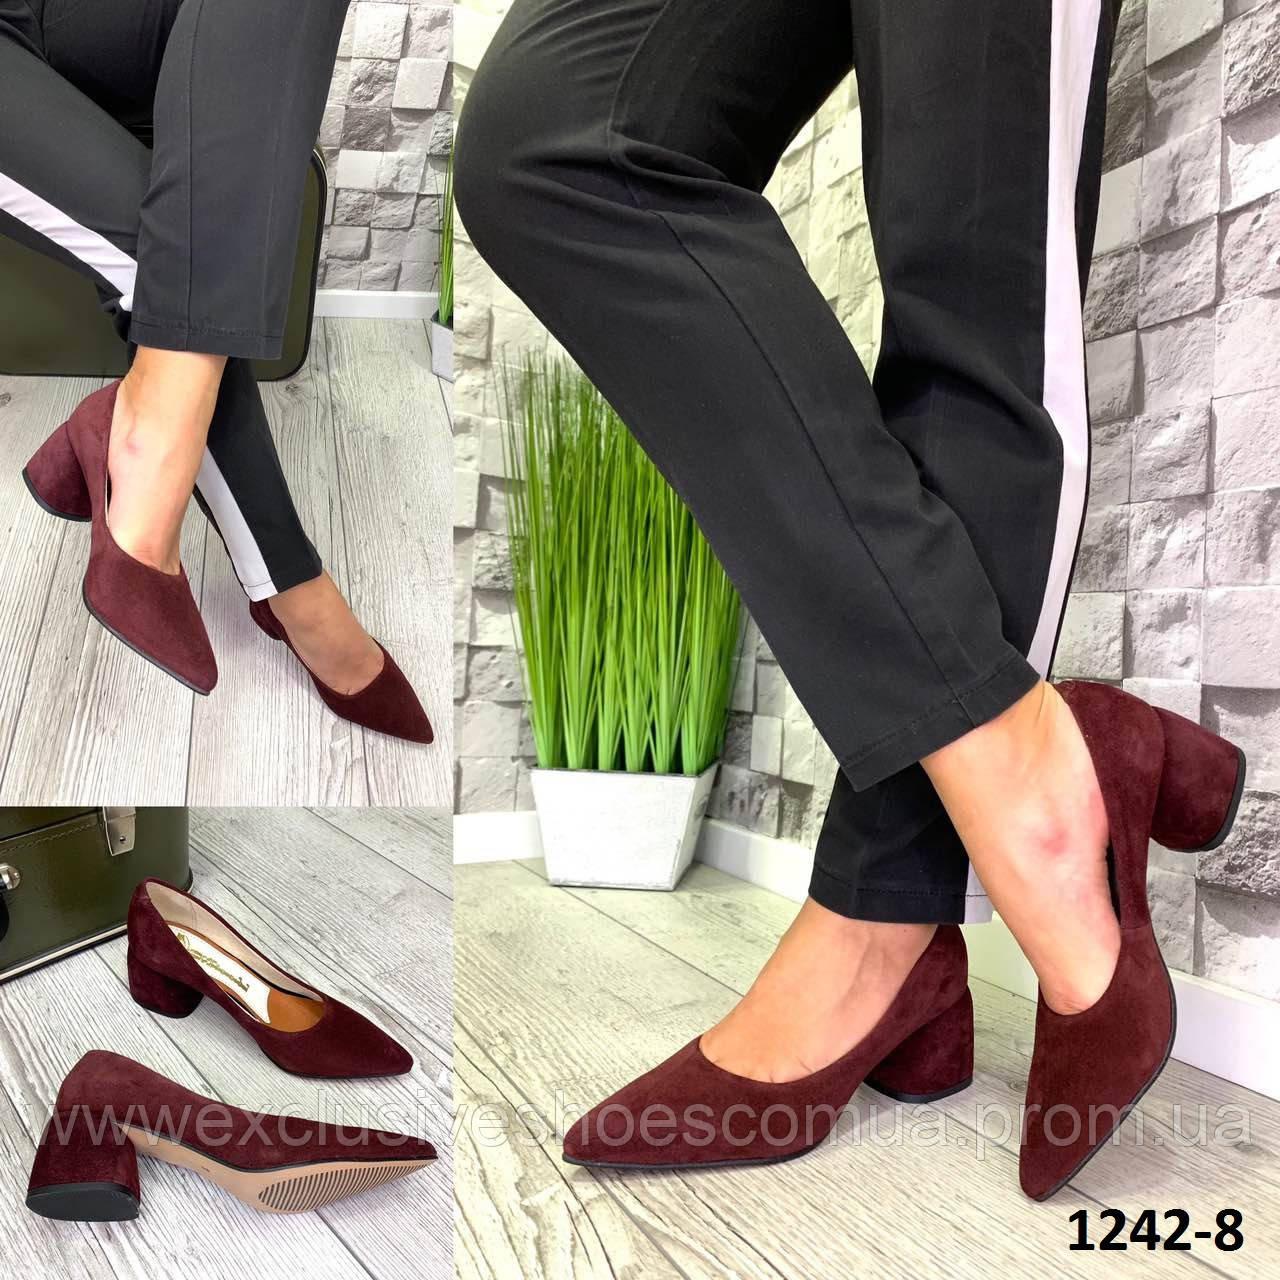 Туфли женские замшевые бордовые на каблуке остроносые лодочки